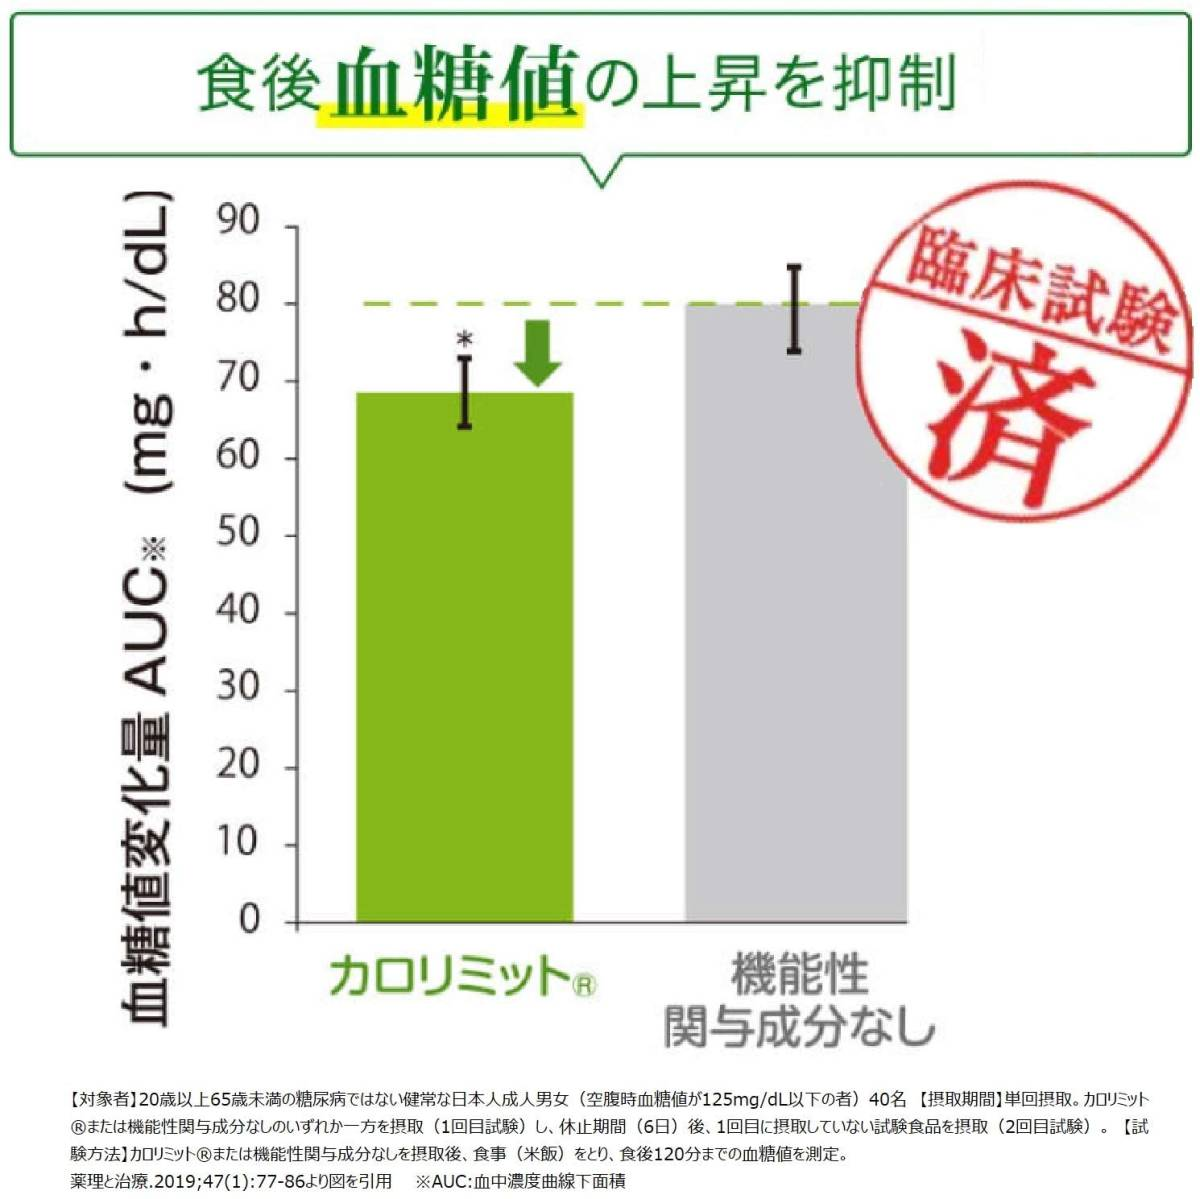 【即決送料無料】カロリミット 90粒 約30日分 機能性表示食品 ファンケル FANCL サプリ ダイエット_画像3